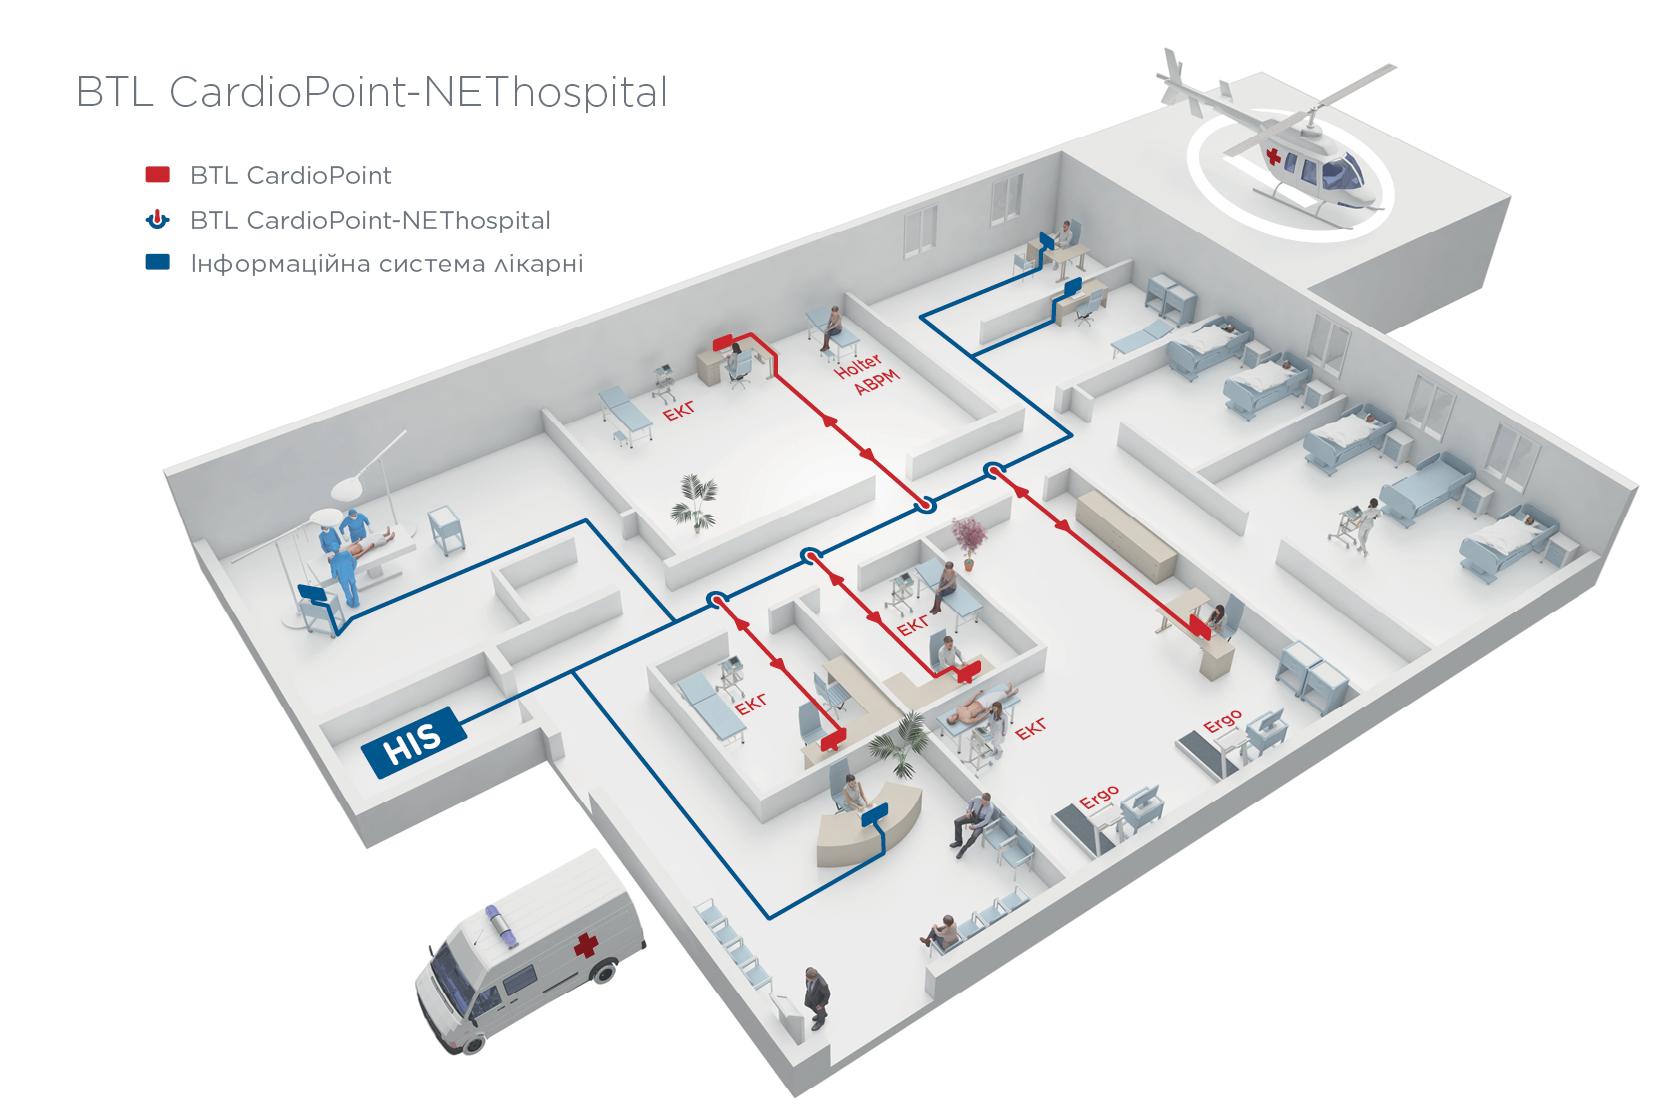 BTL_CardioPoint_NEThospital_UK3